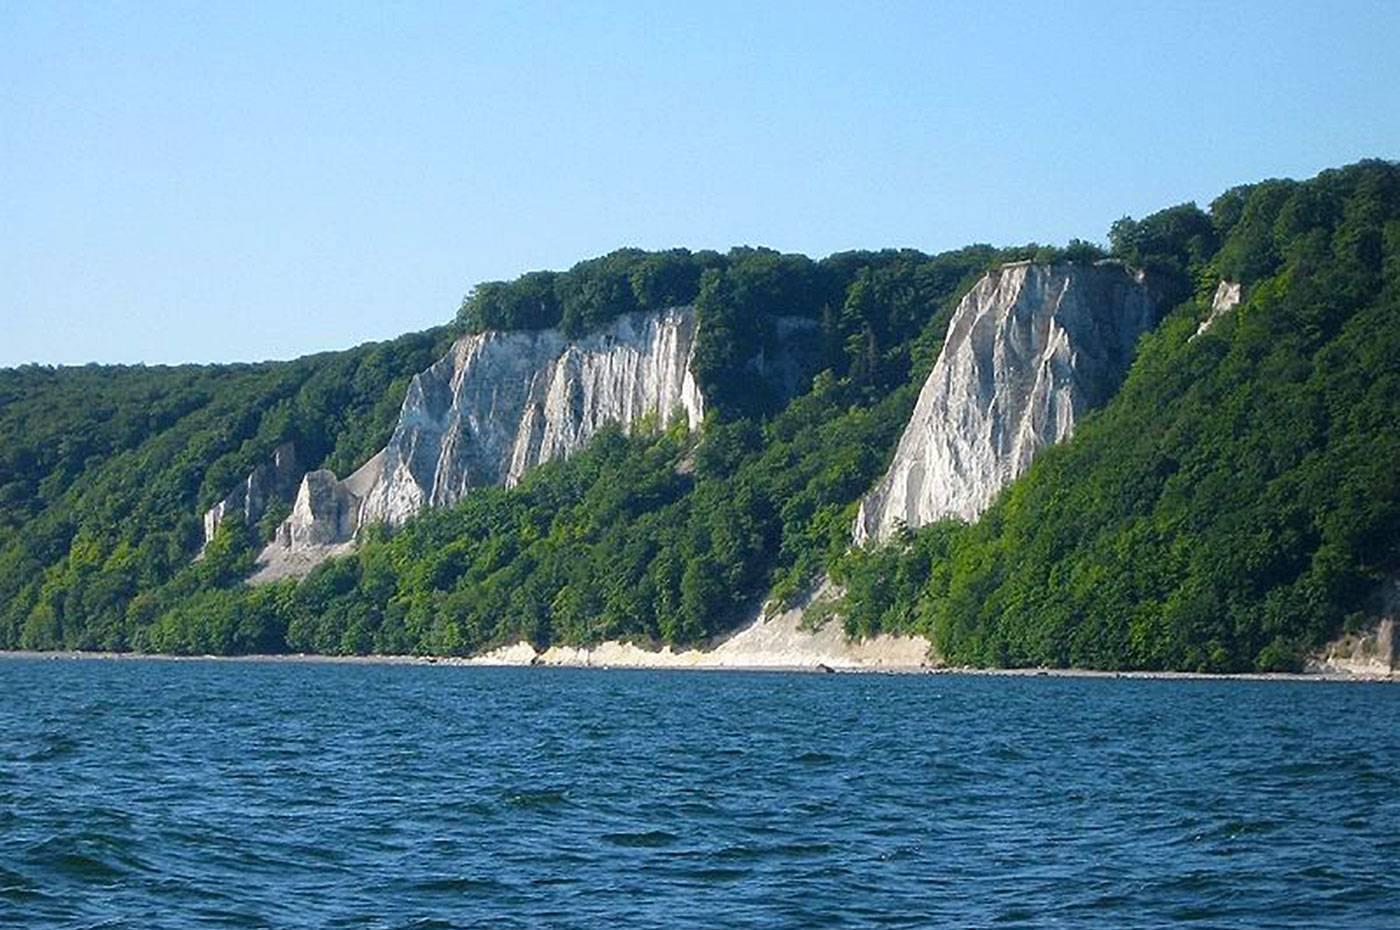 Балтийское побережье германии: курорты, достопримечательности